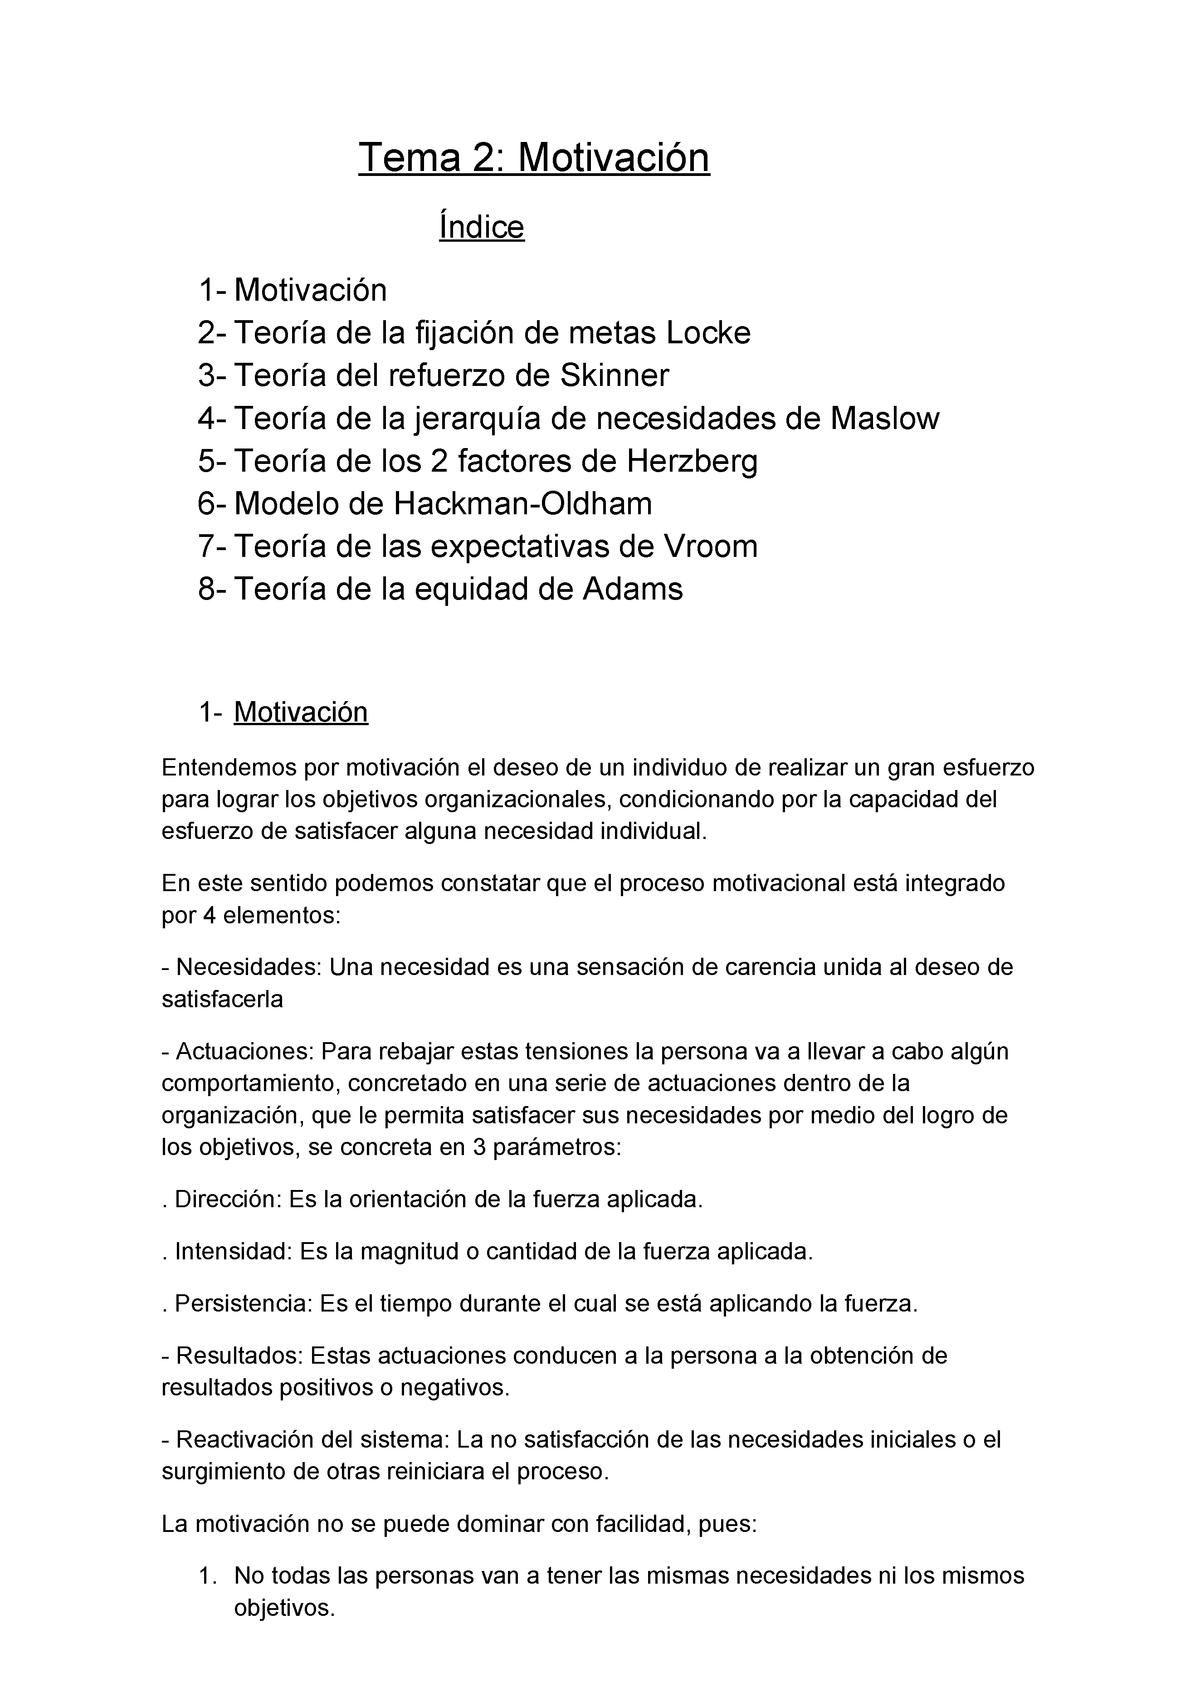 Tema 2 La Motivación Habilidades De Dirección Y Gestión